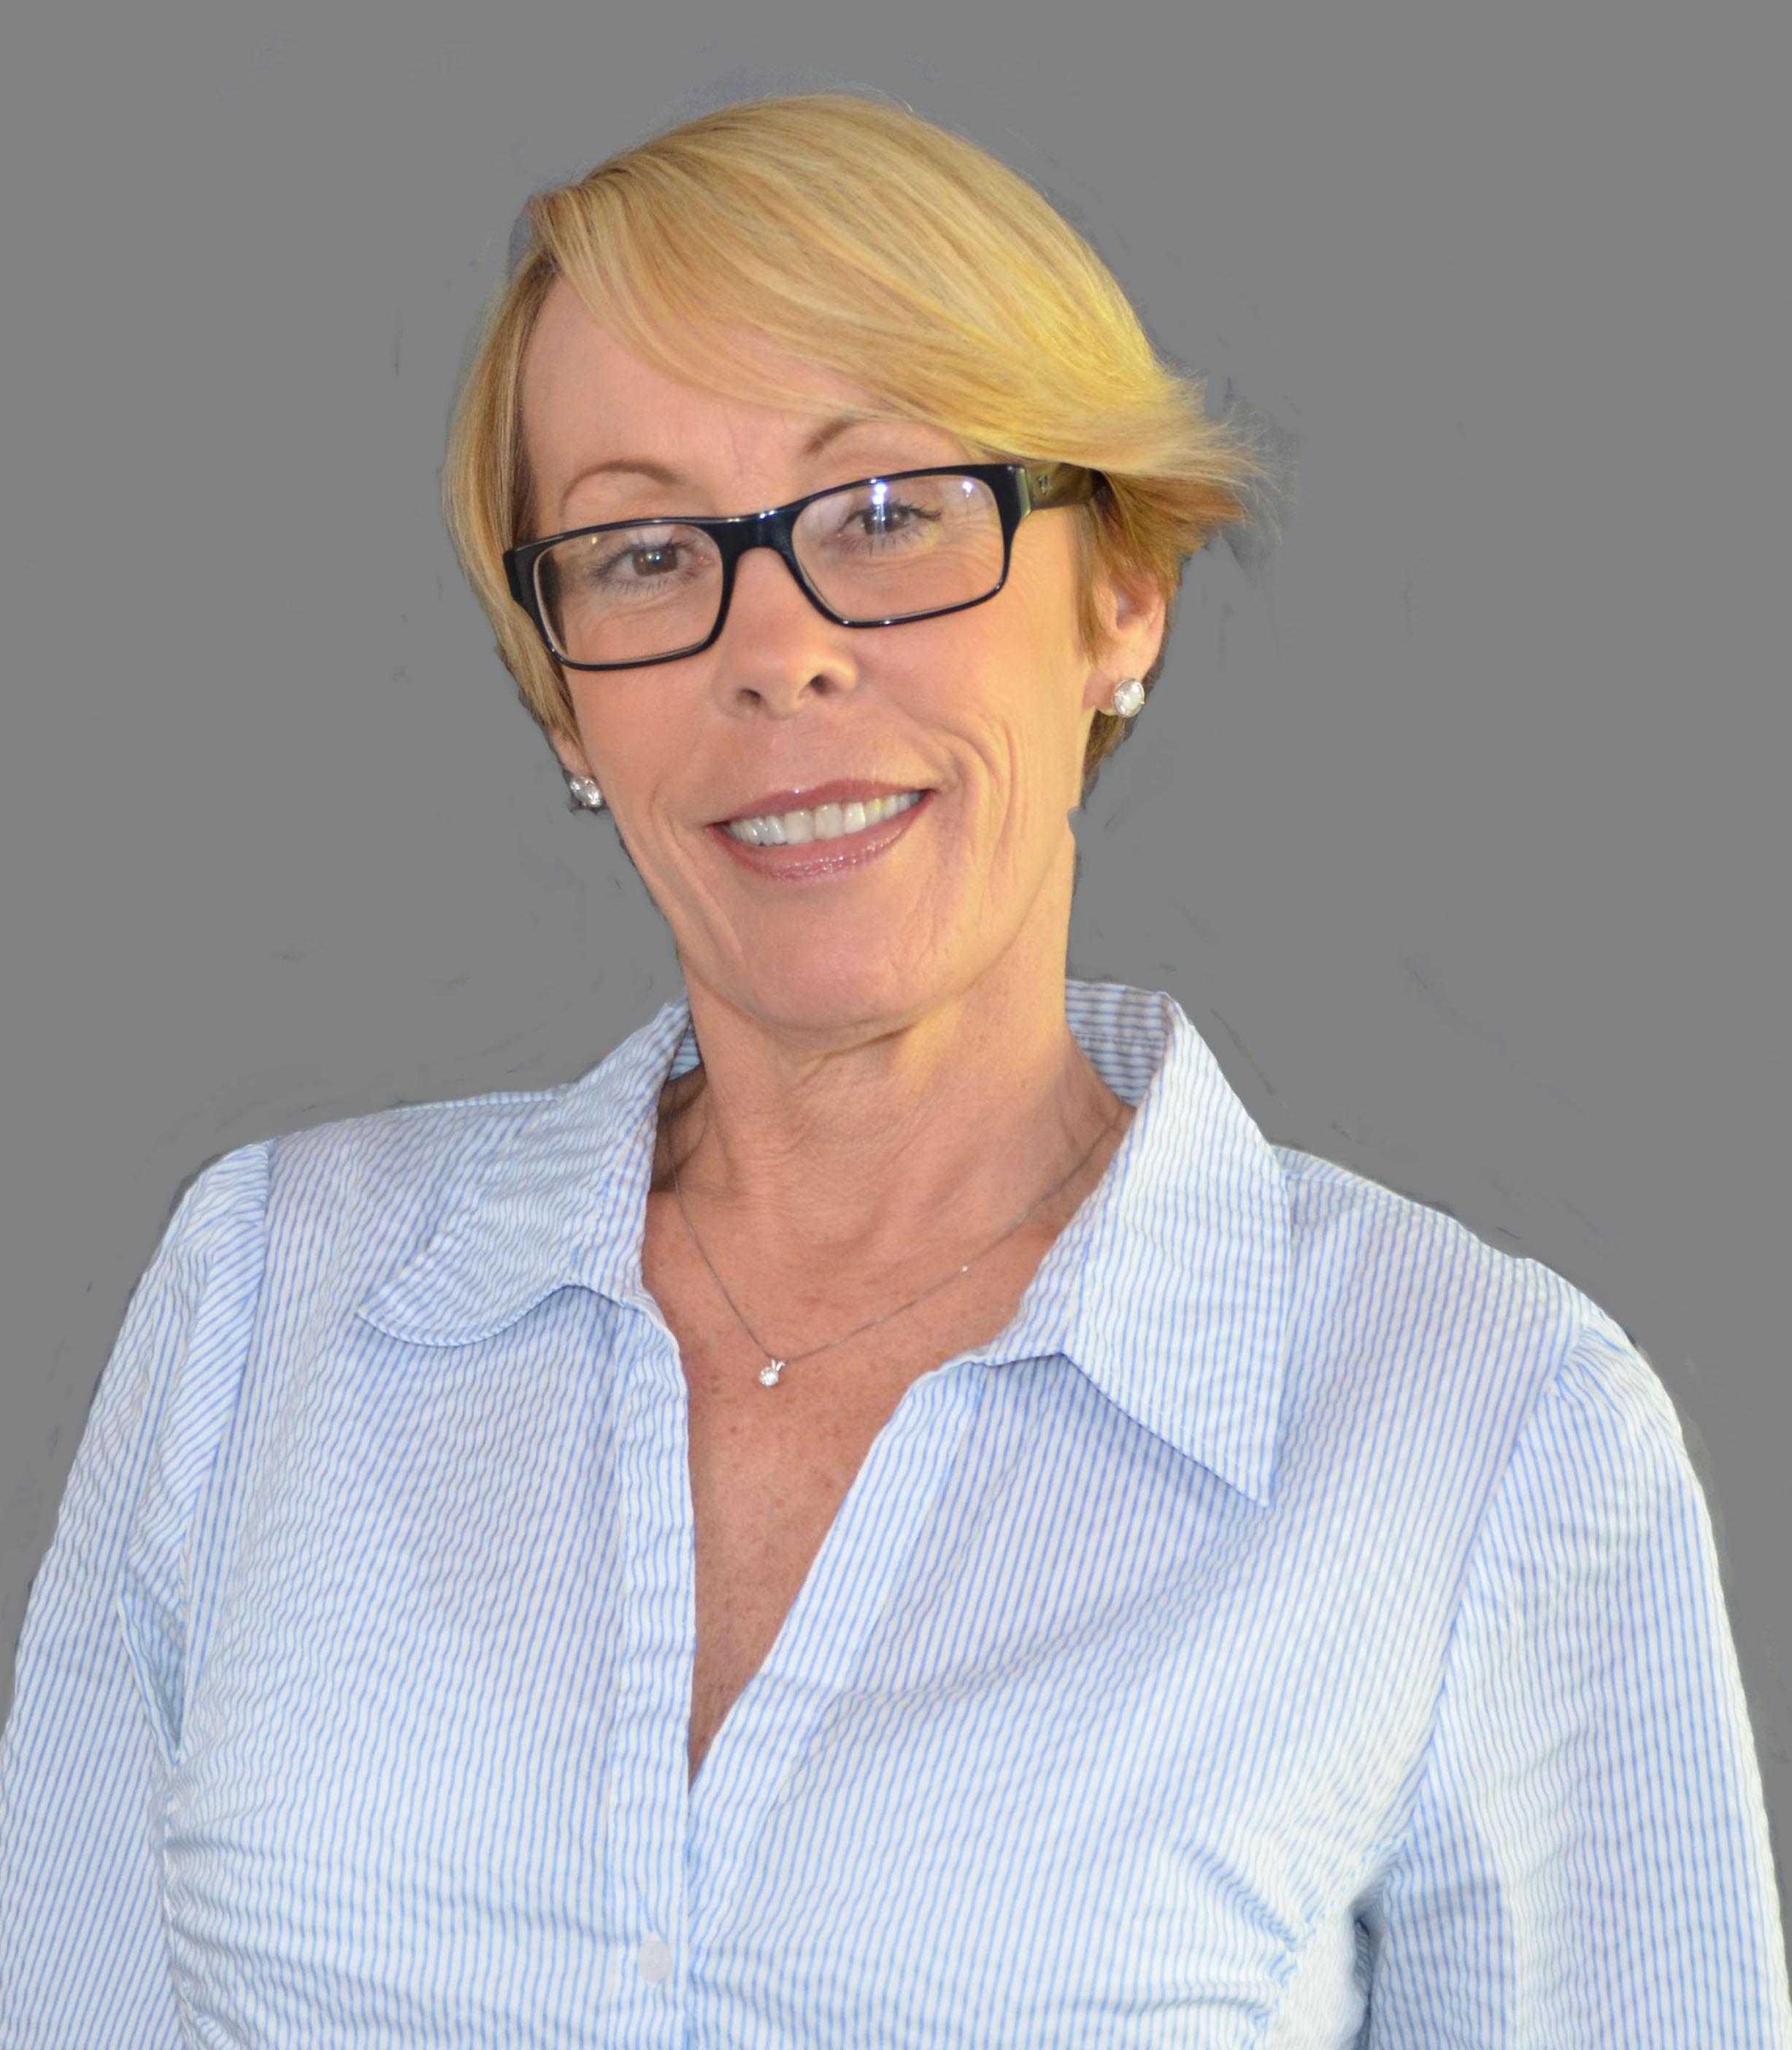 Celeste Miller